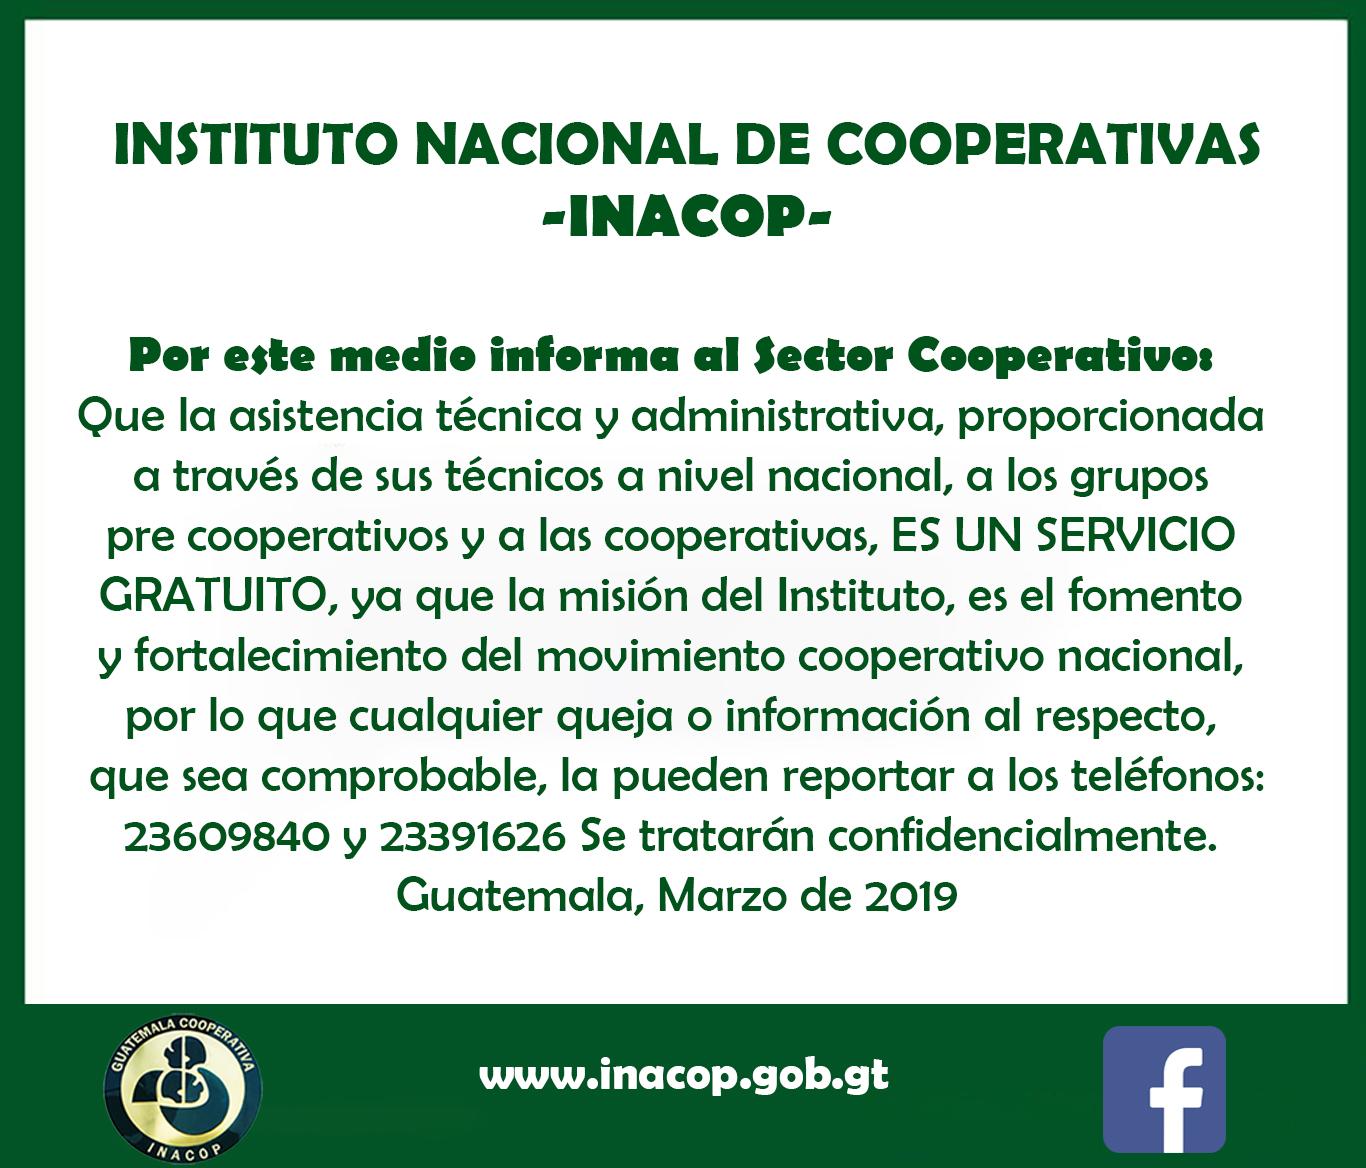 Por este medio informa al Sector Cooperativo: